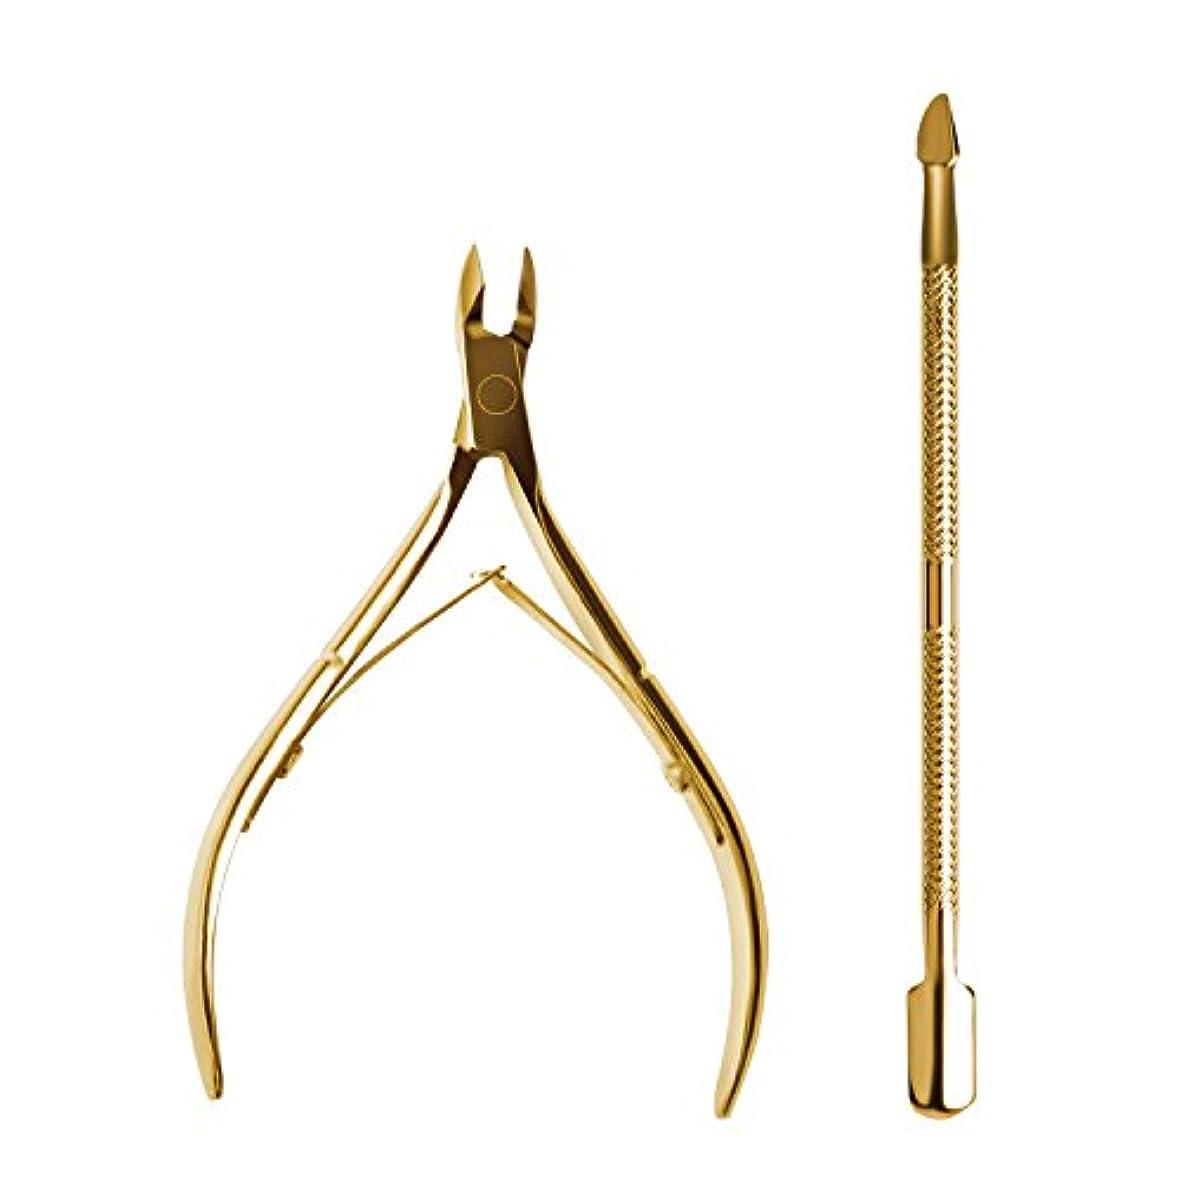 重要な役割を果たす、中心的な手段となる贅沢なプログレッシブBiutee キューティクルニッパー キューティクルプッシャー 甘皮切りささくれニッパー ニッパー式爪切り ネイルツールセット